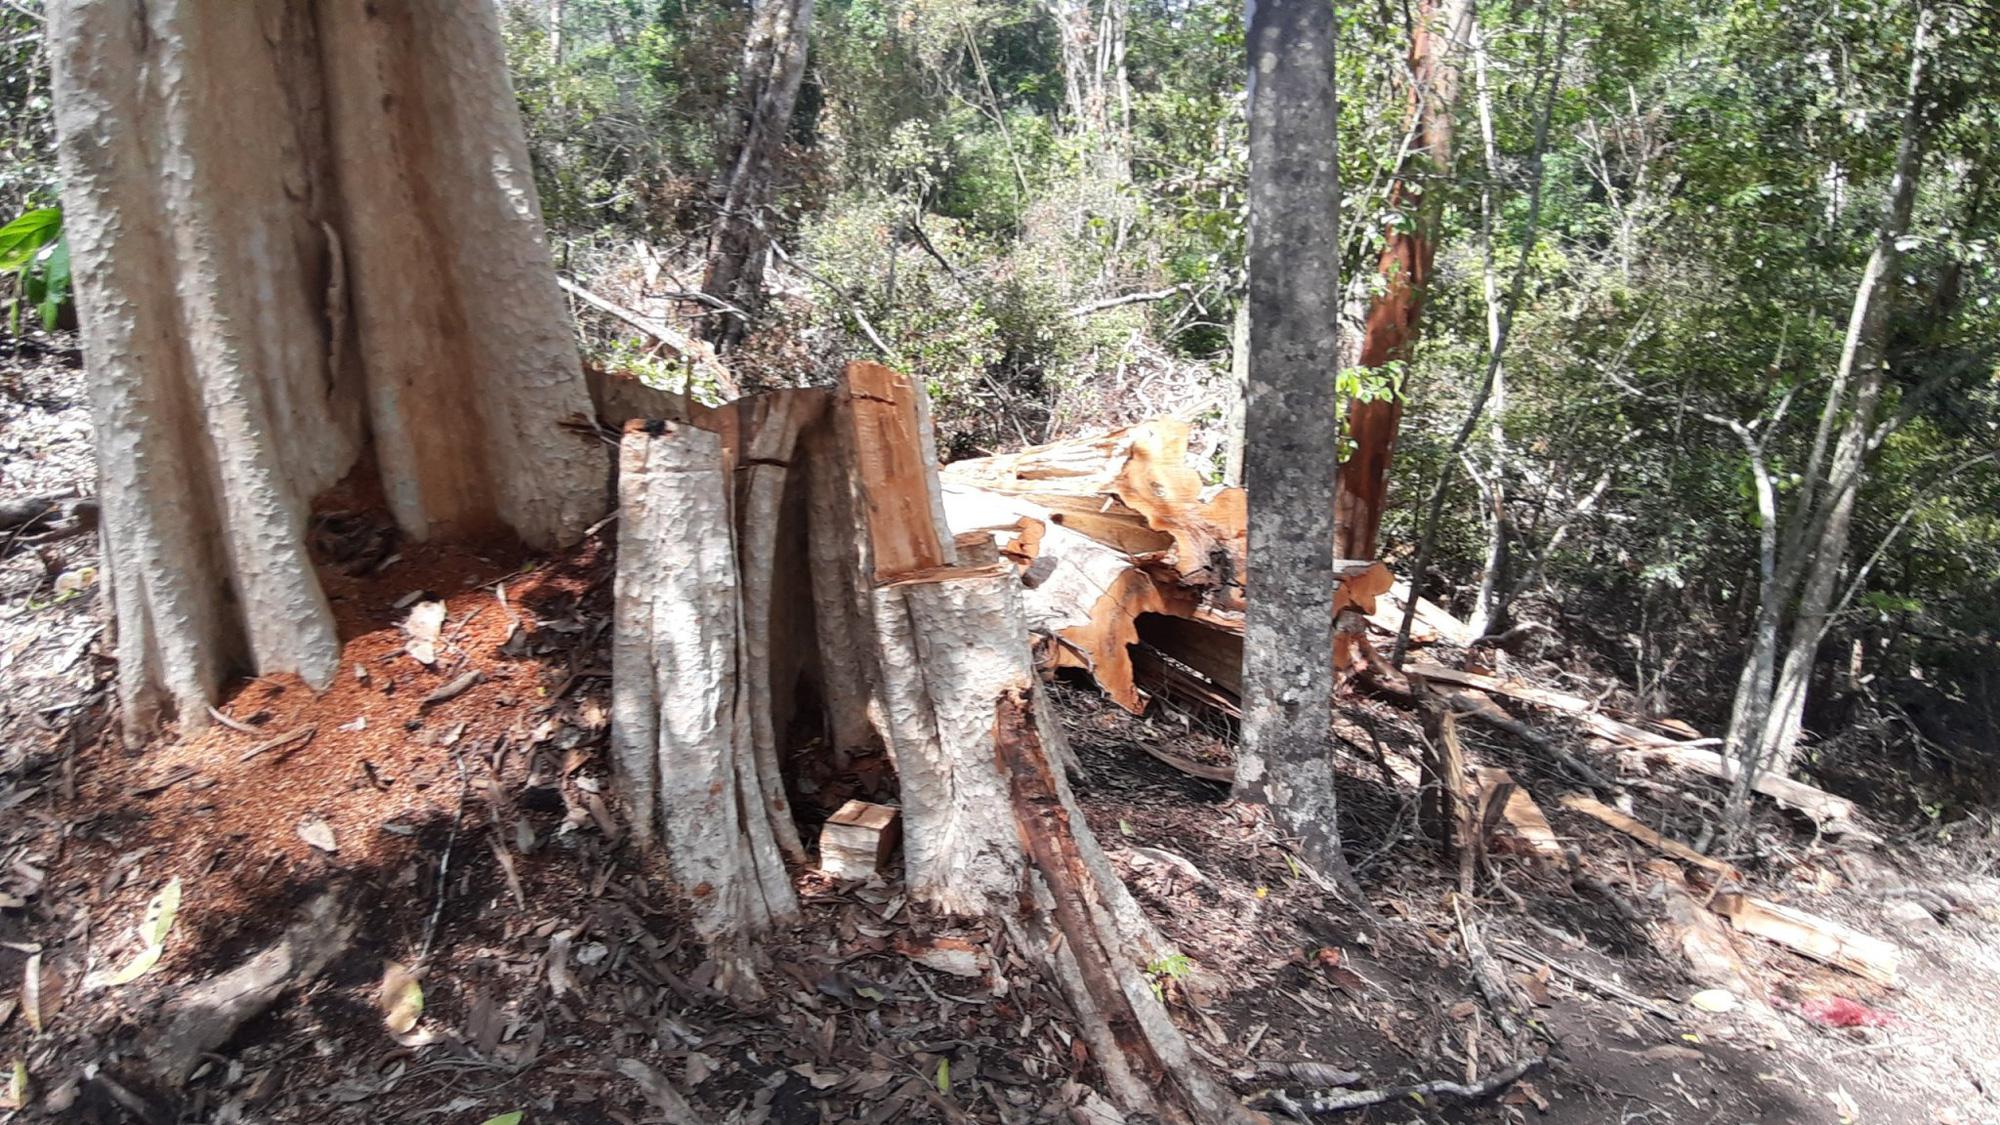 Gia Lai: Phá rừng quy mô lớn, lâm tặc ngang nhiên đốt gốc phi tang - Ảnh 12.